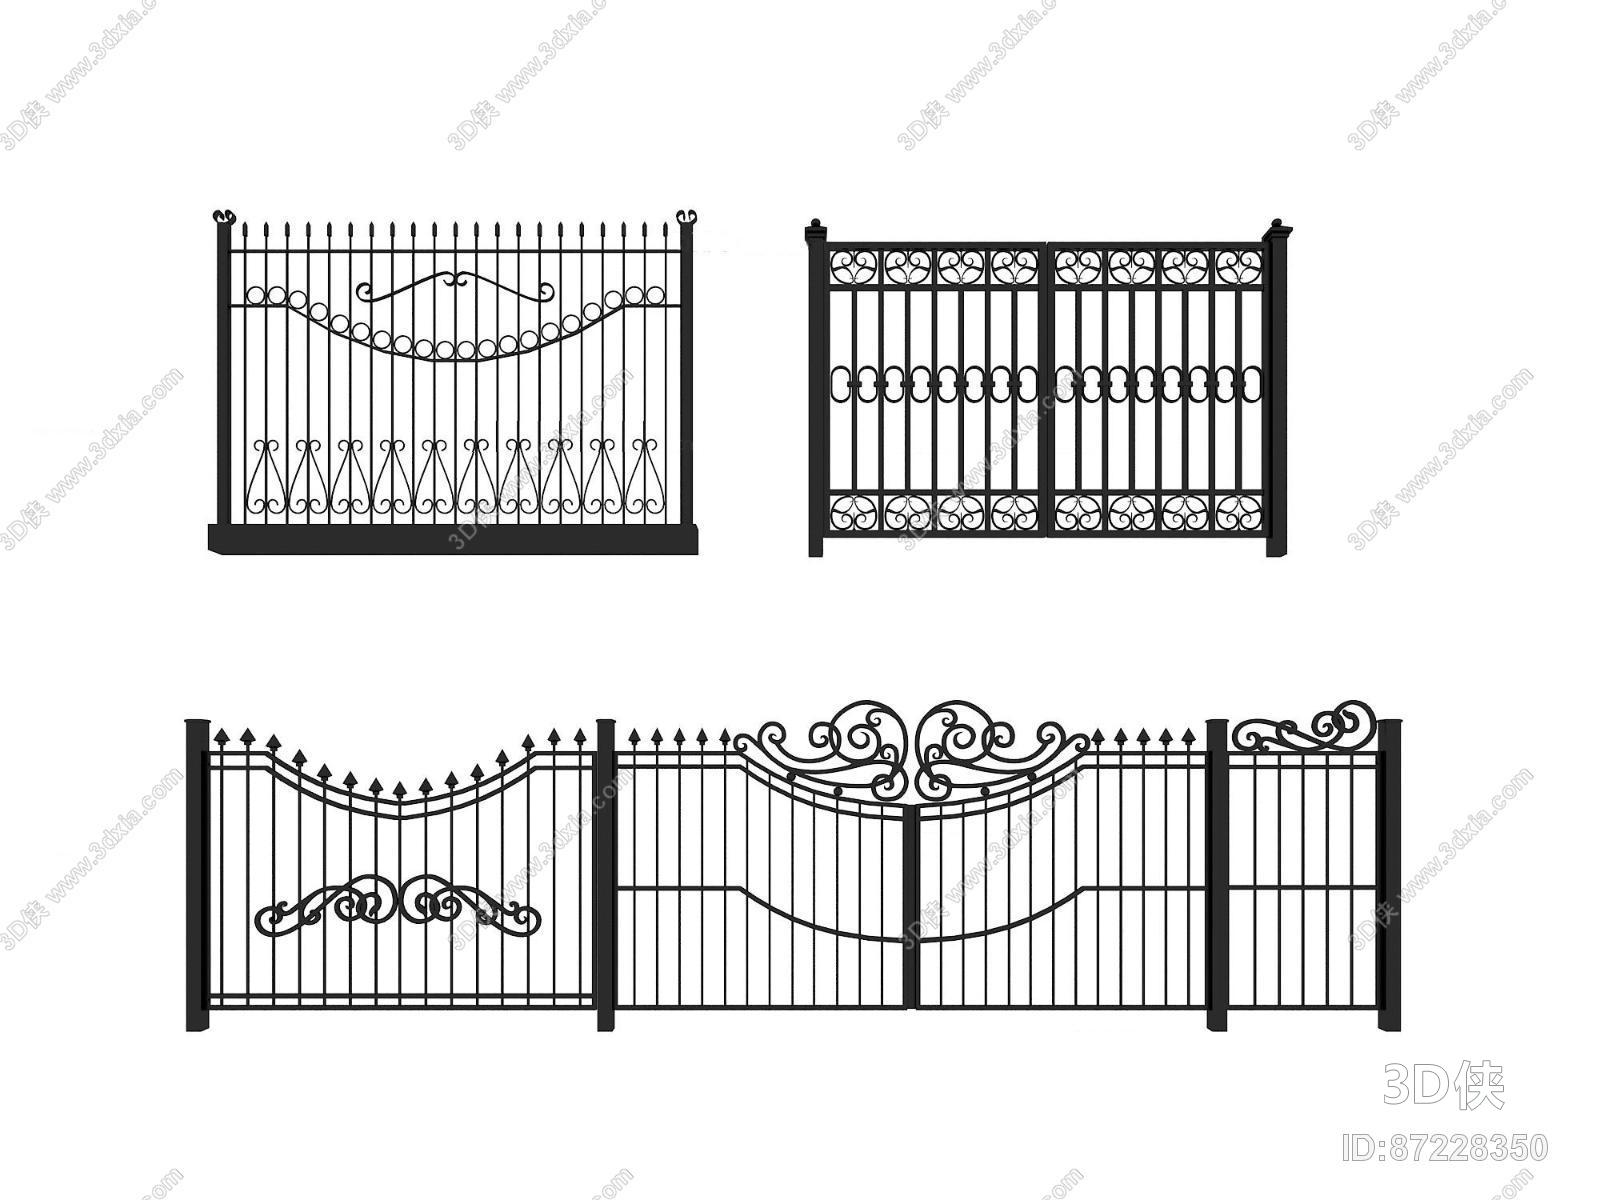 效果图素材免费下载,本作品主题是欧式铁艺栏杆围栏组合3d模型,编号是